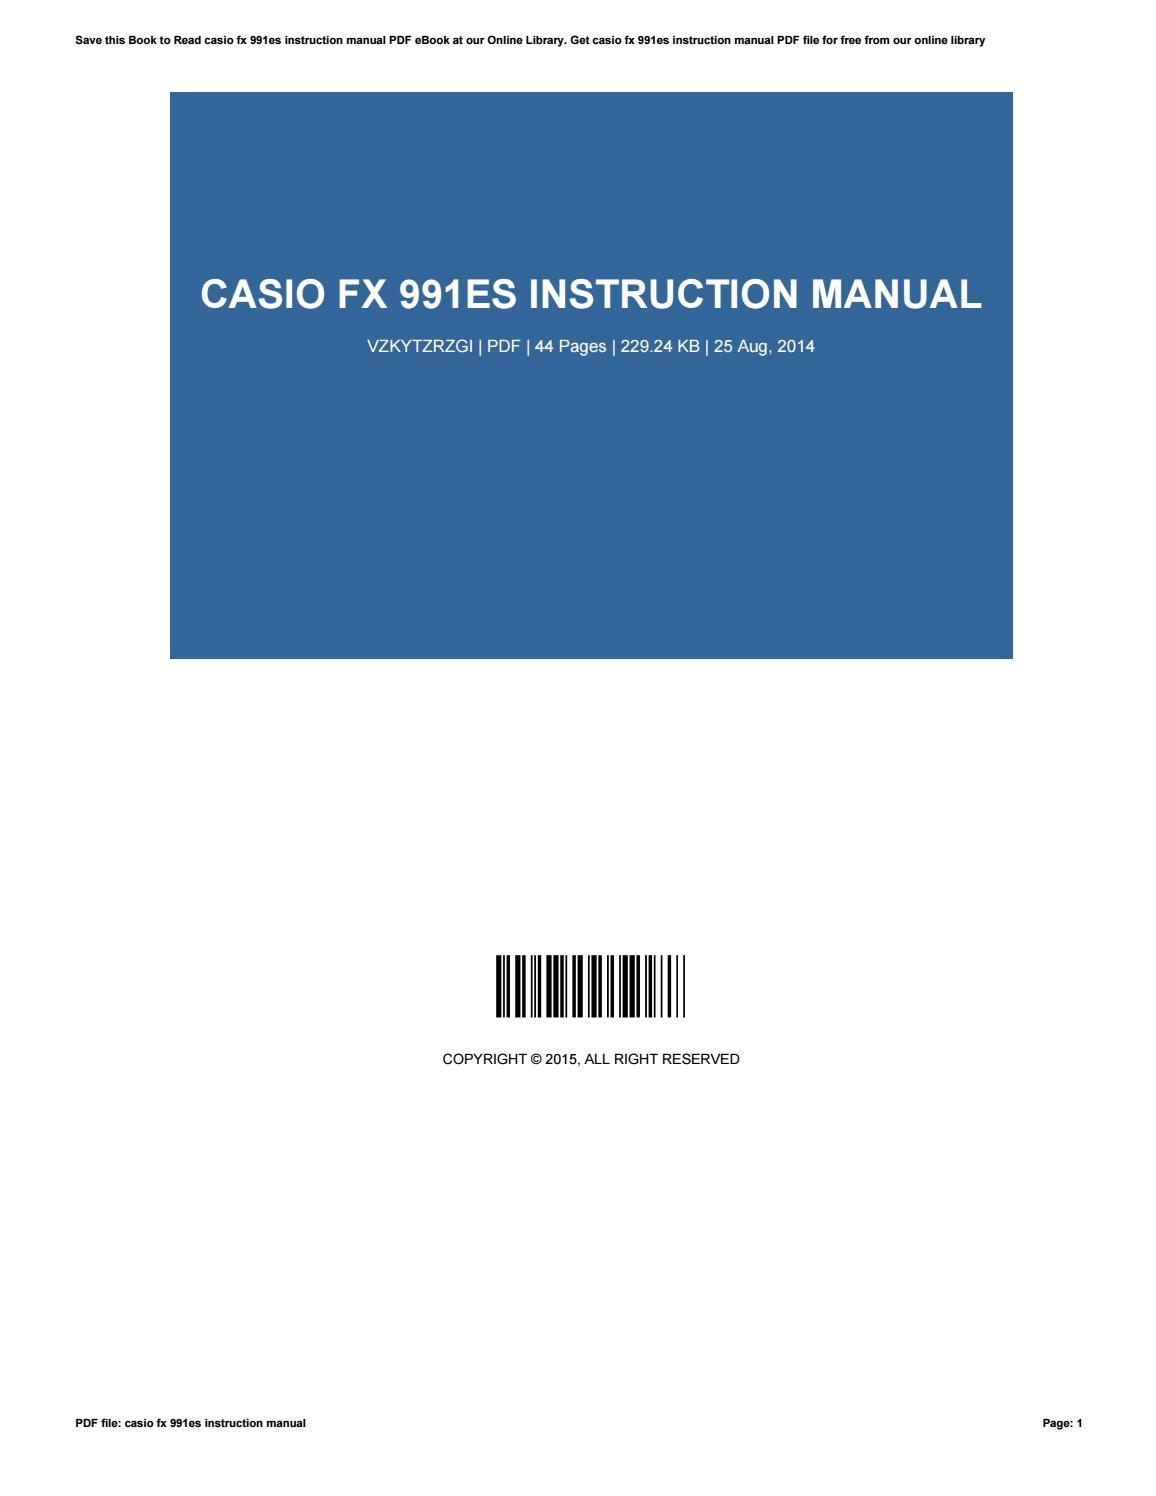 casio fx-991es emulator free download